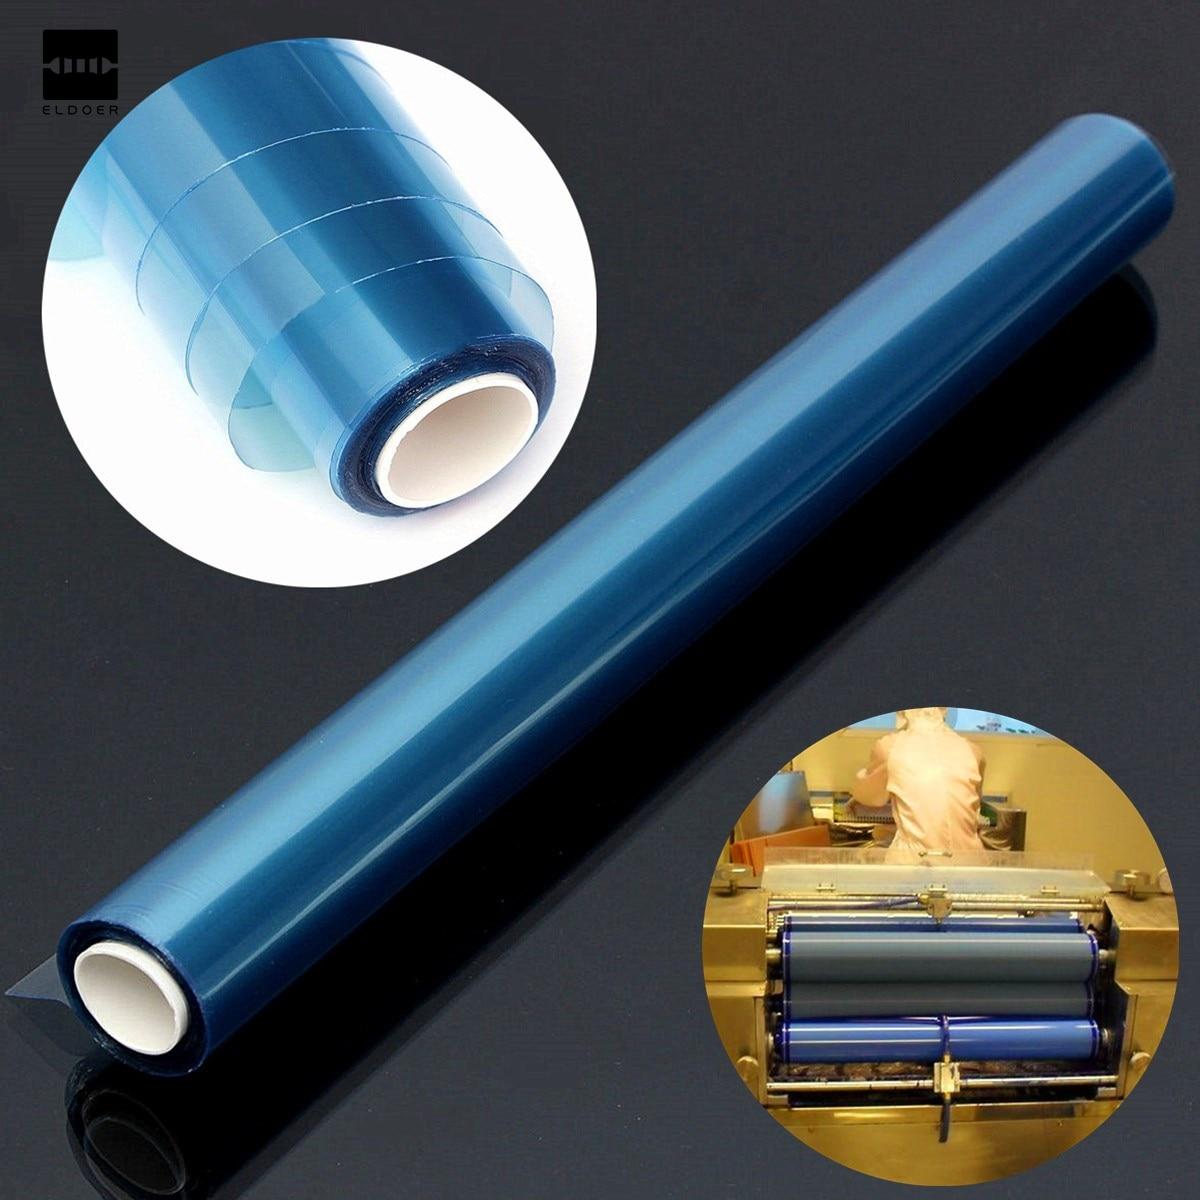 PCB Heißen Verkauf Tragbare Trockenfilm für Schaltung Produktion Fotolack Blätter 30 cm x 5 mt Elektronische Komponenten